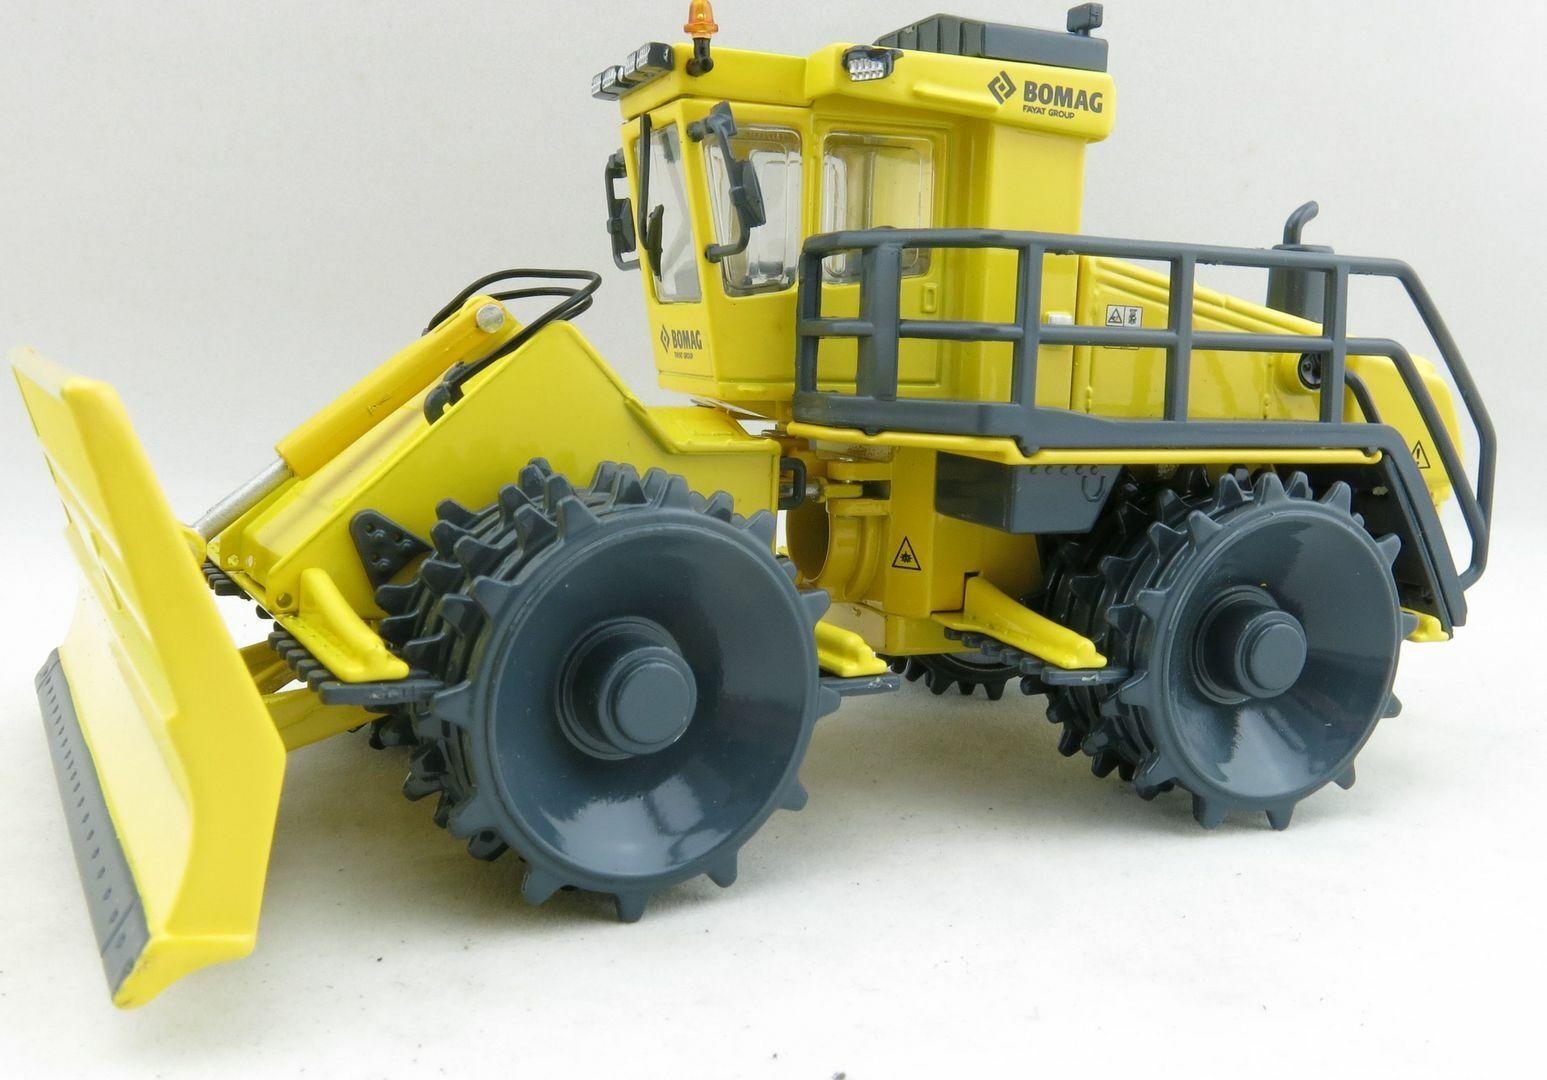 Kaster Scale Models WM9736 Bomag BC 1172 RB REFUSE COMPACTOR Wheel Loader 1 50